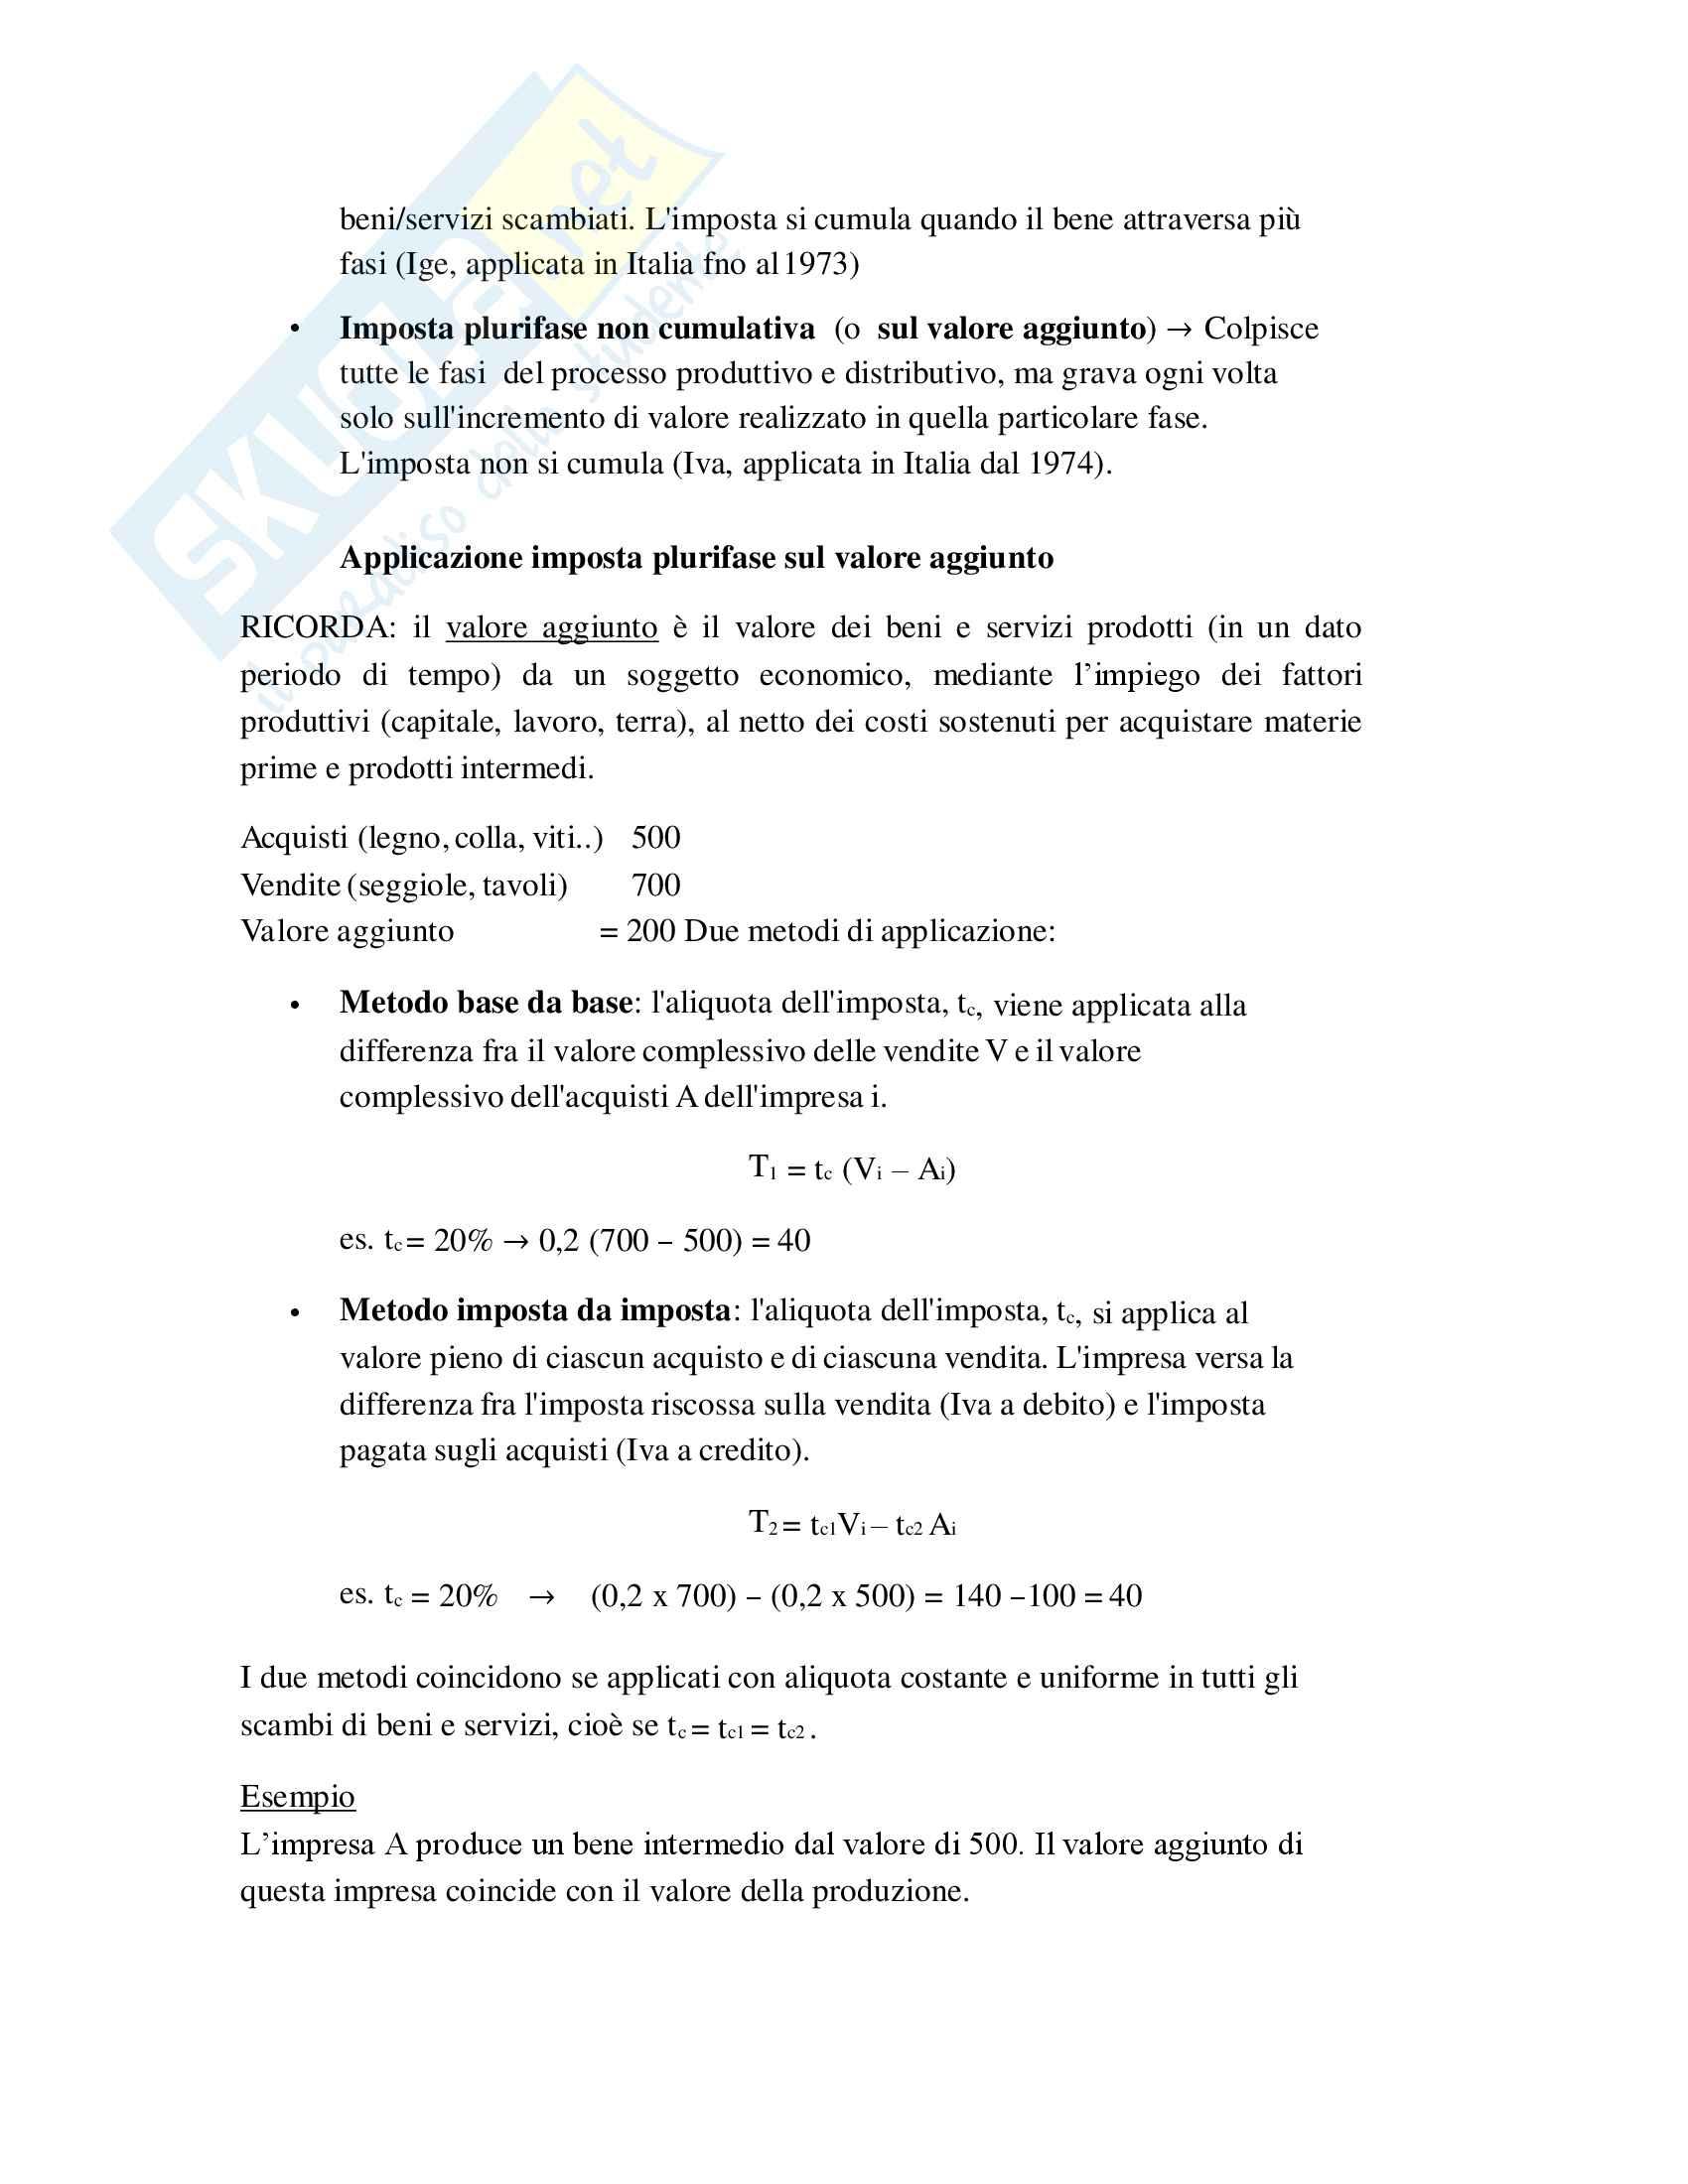 Riassunto Tributi economia italiana, esame di scienza delle finanze, prof Baldini, libro consigliato P. Bosi, M. C. Guerra: I tributi nell'economia italiana Pag. 41